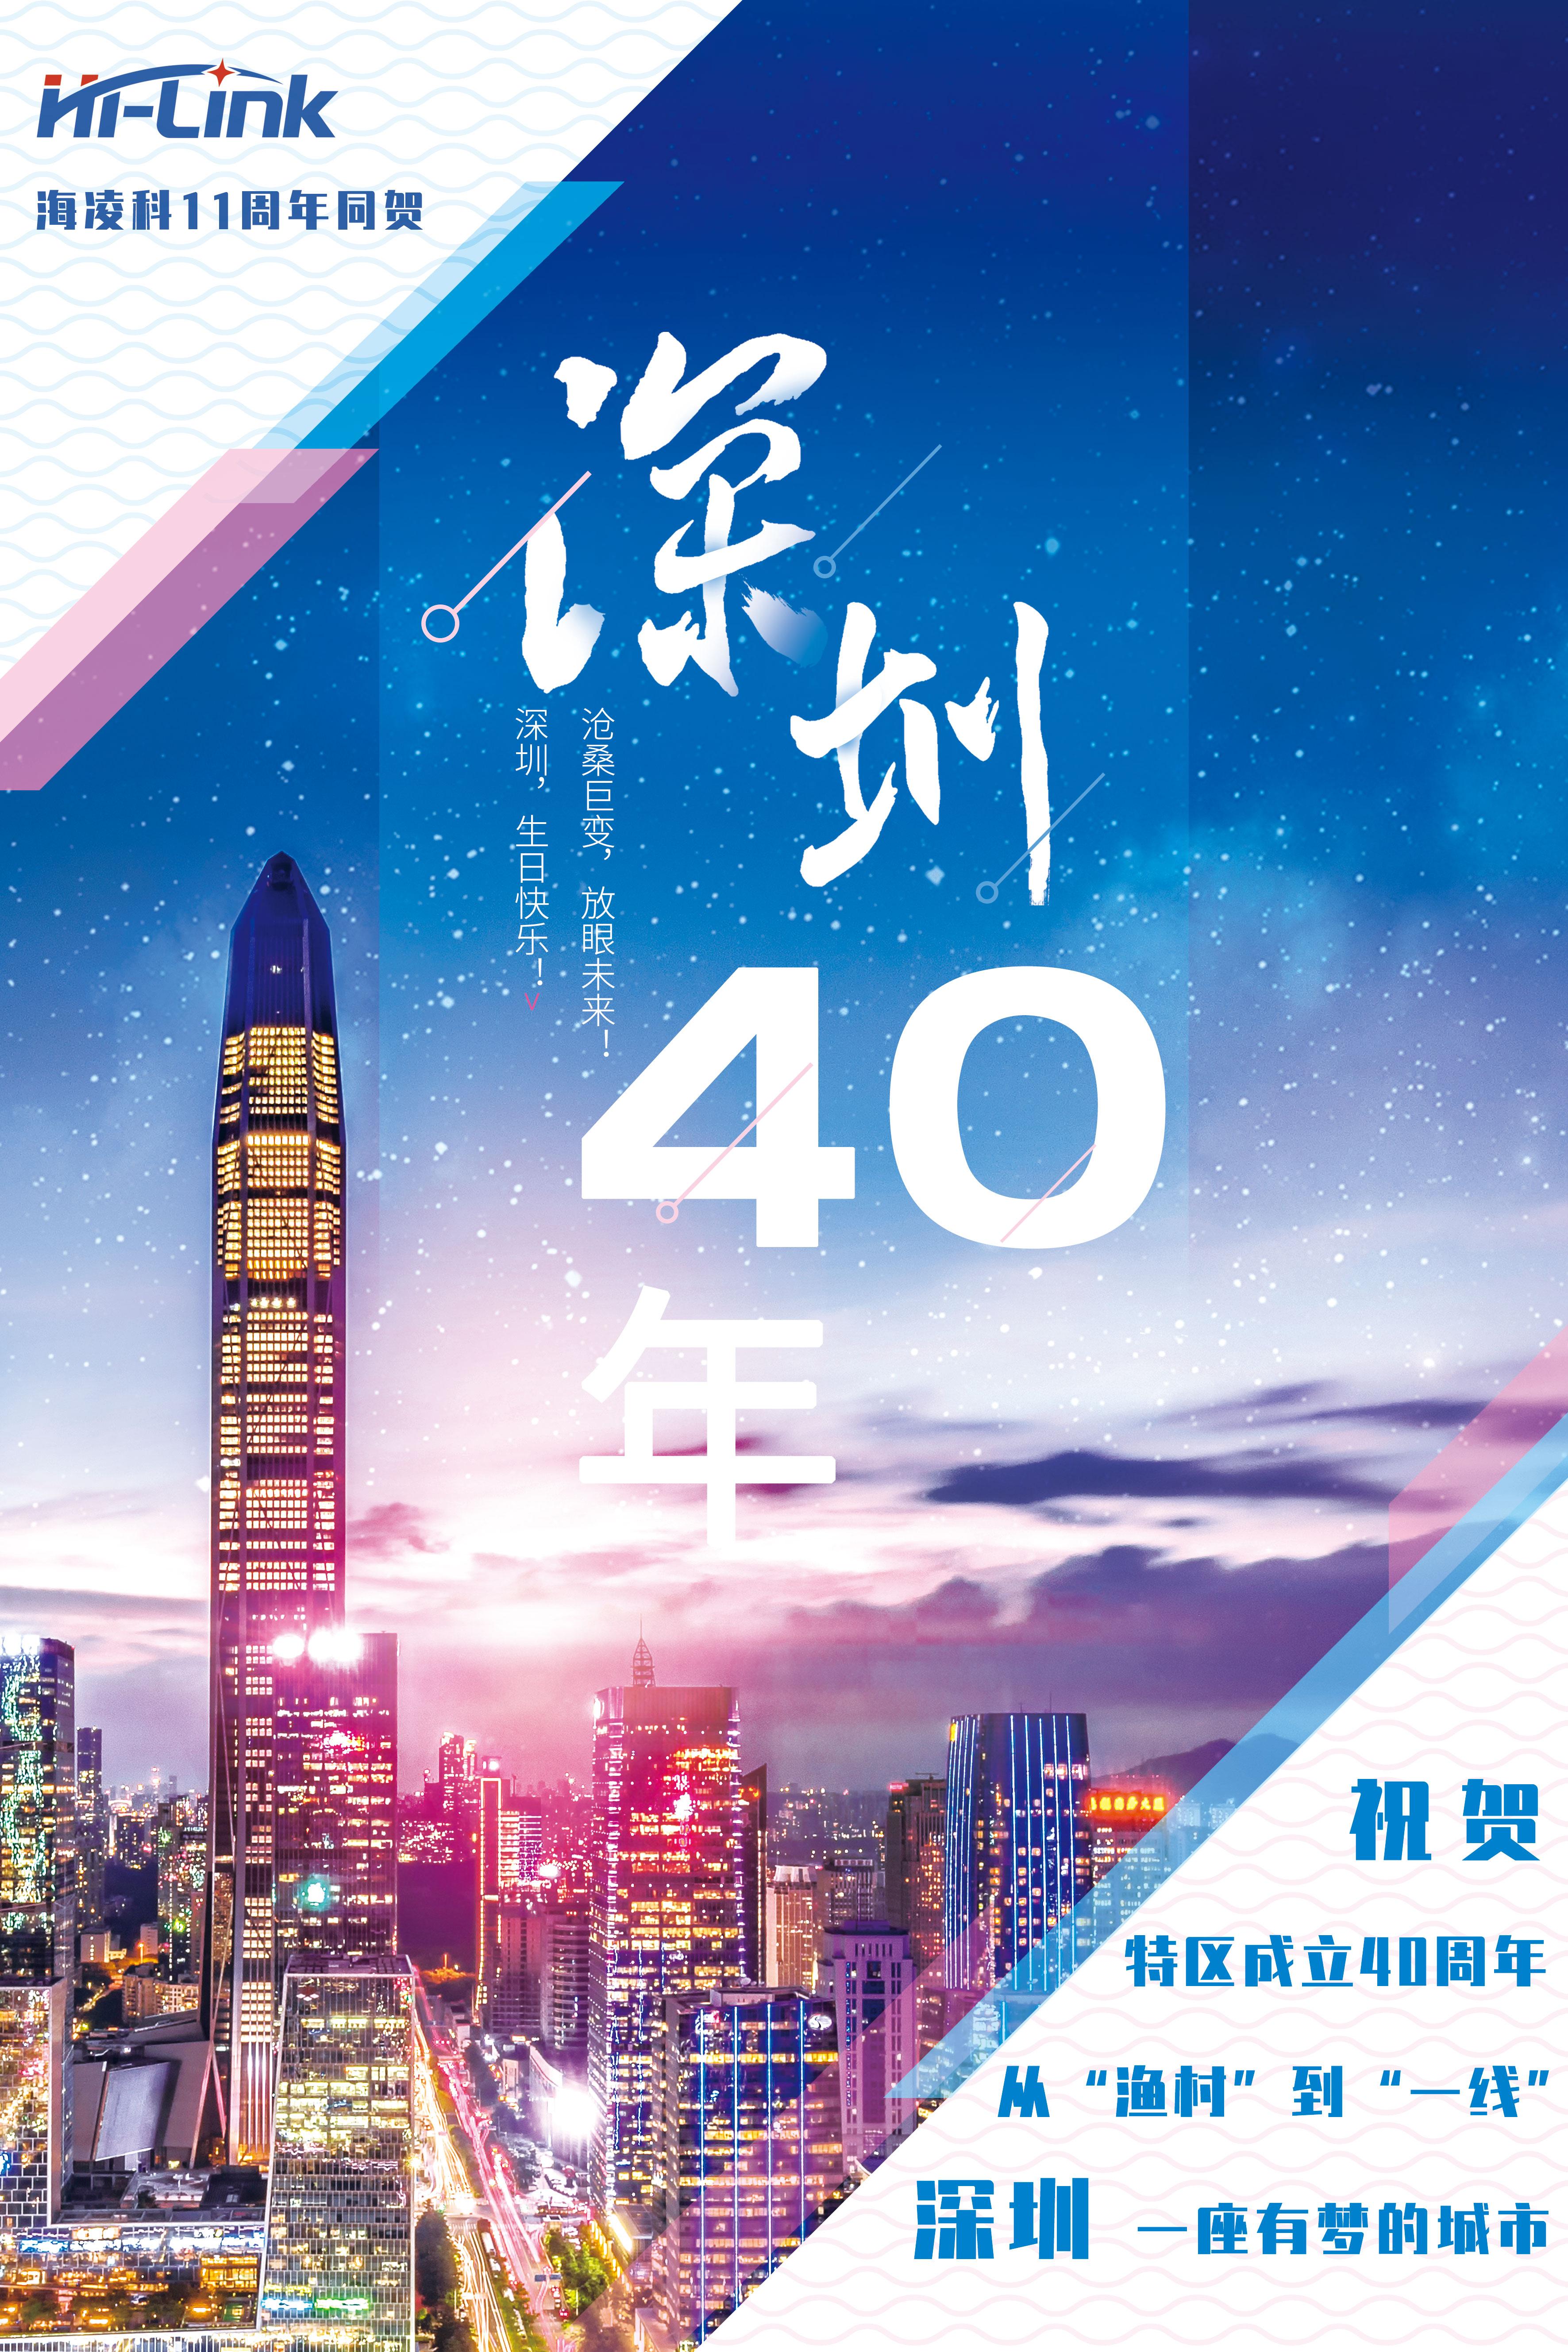 致敬深圳四十周年 一座充满梦想的城市